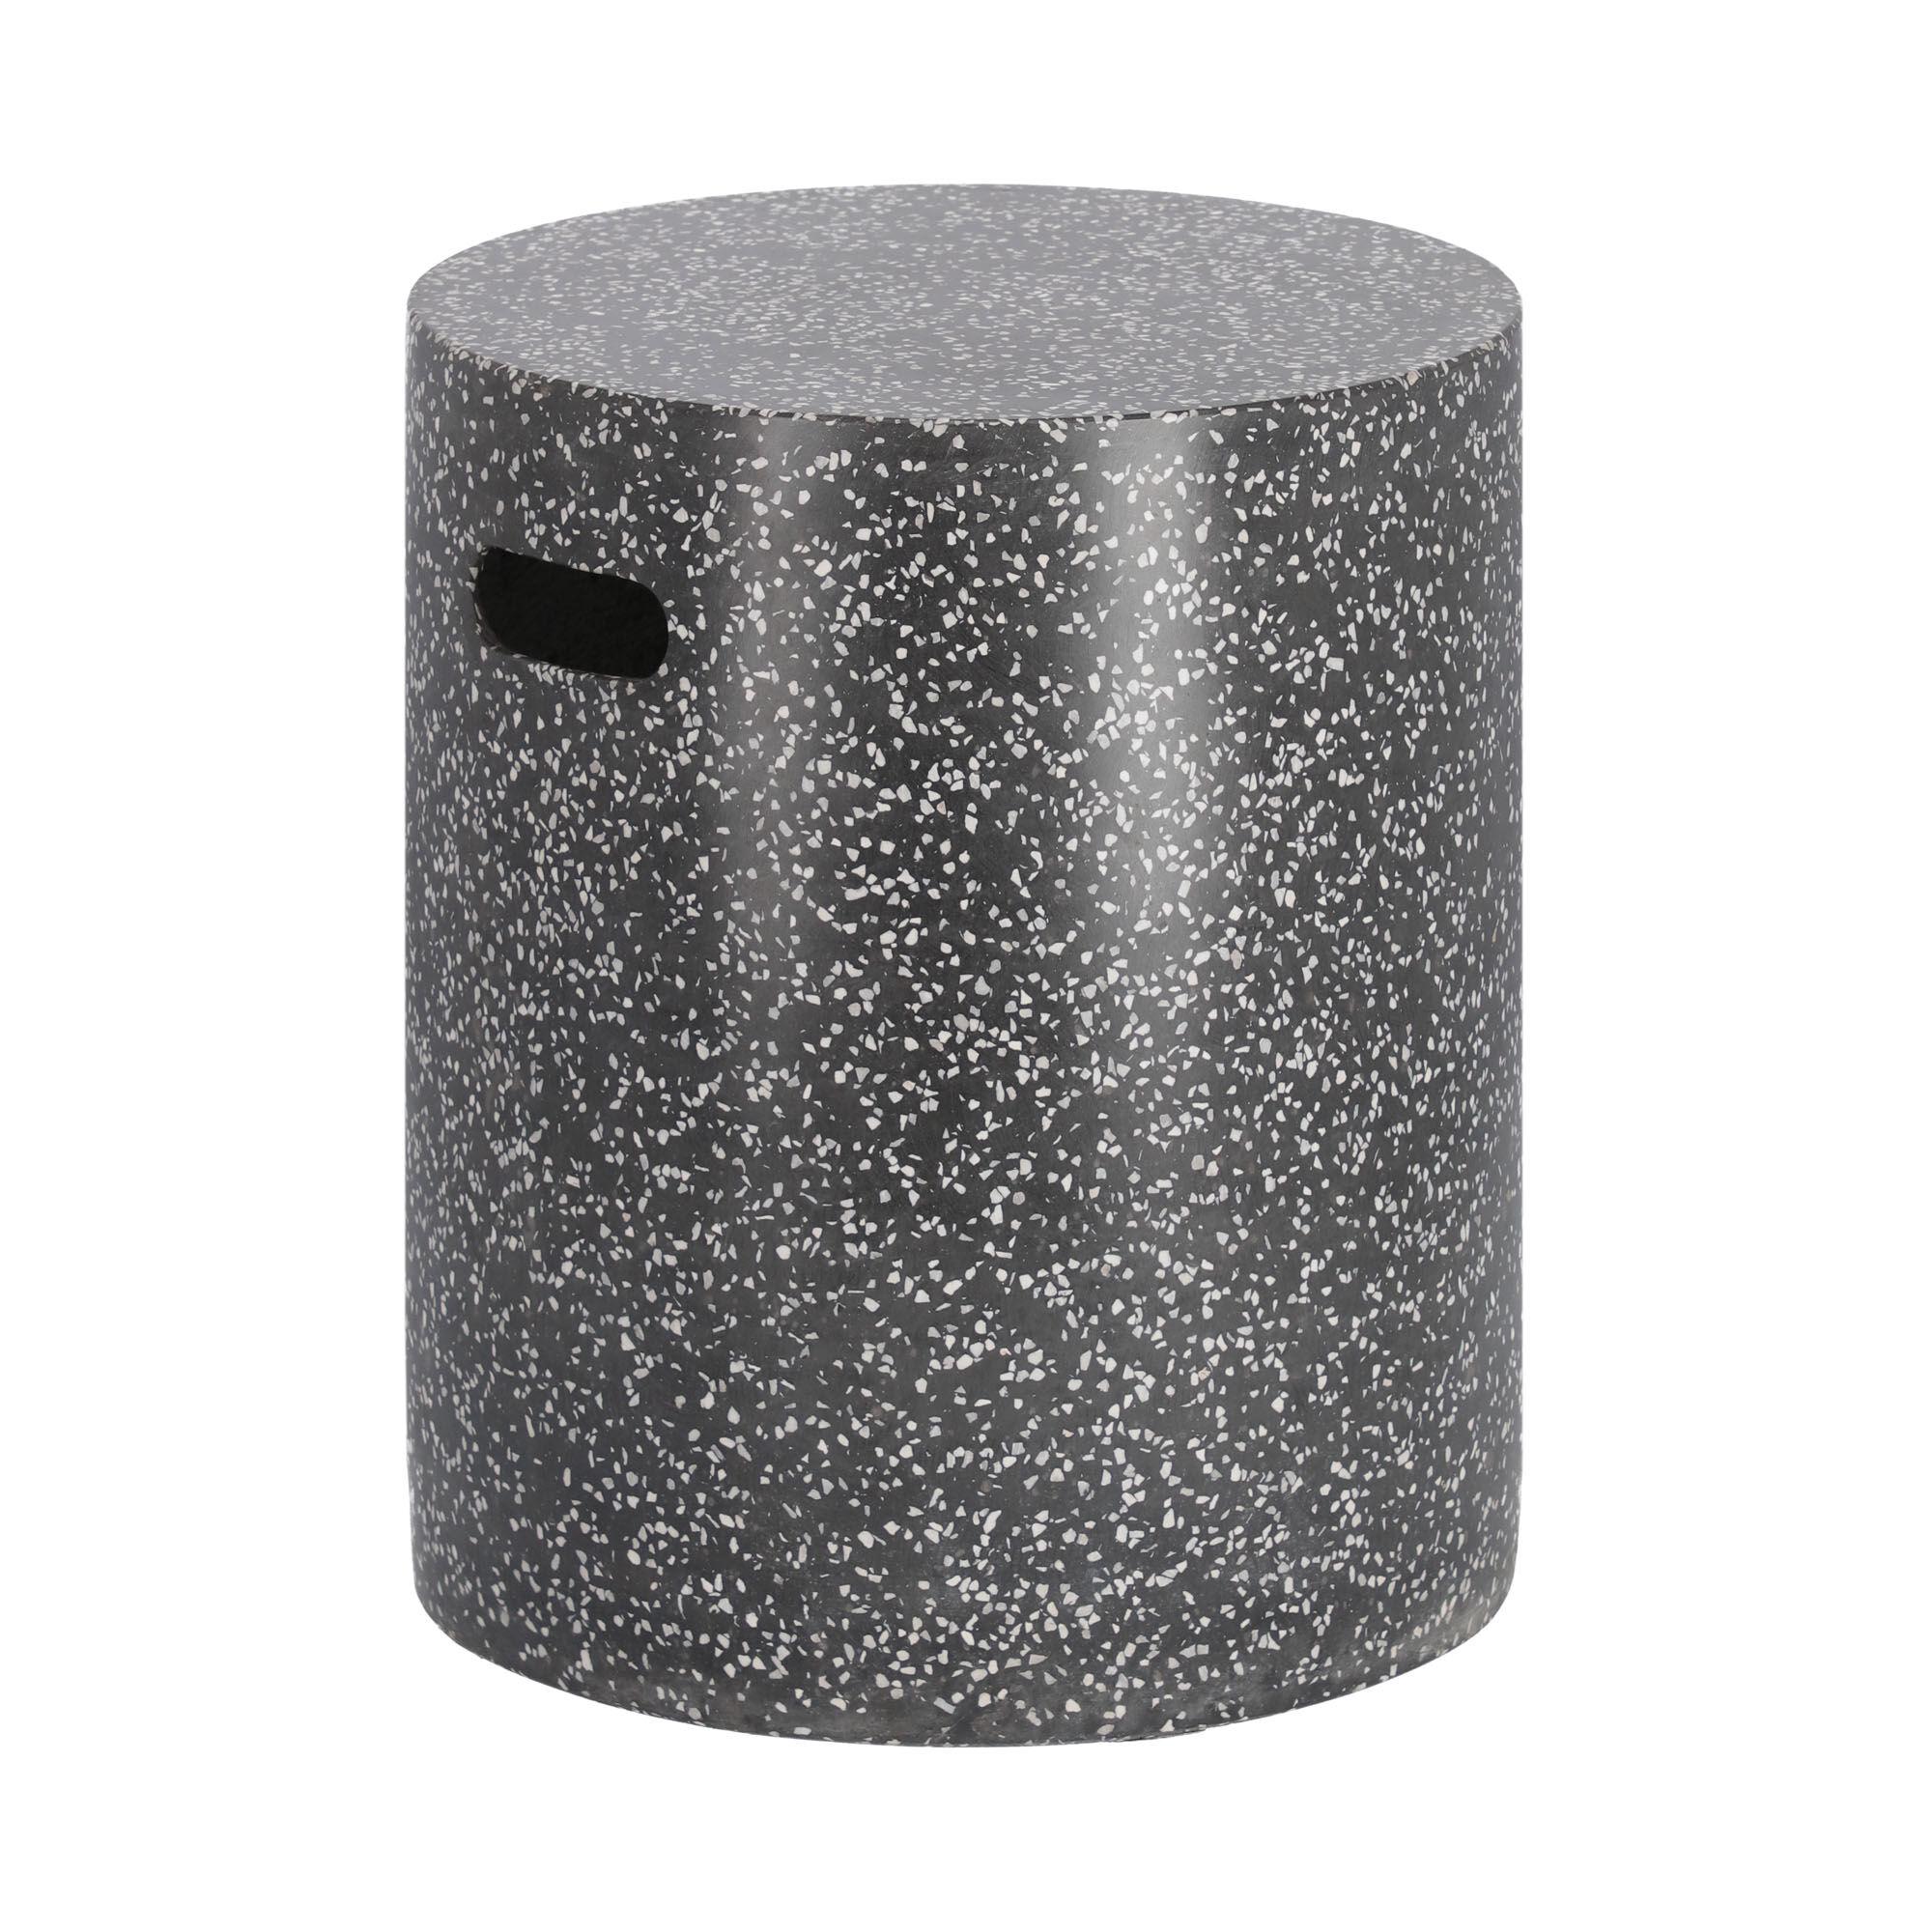 Kave Home Sgabello Jenell in terrazzo nero Ø 35 cm